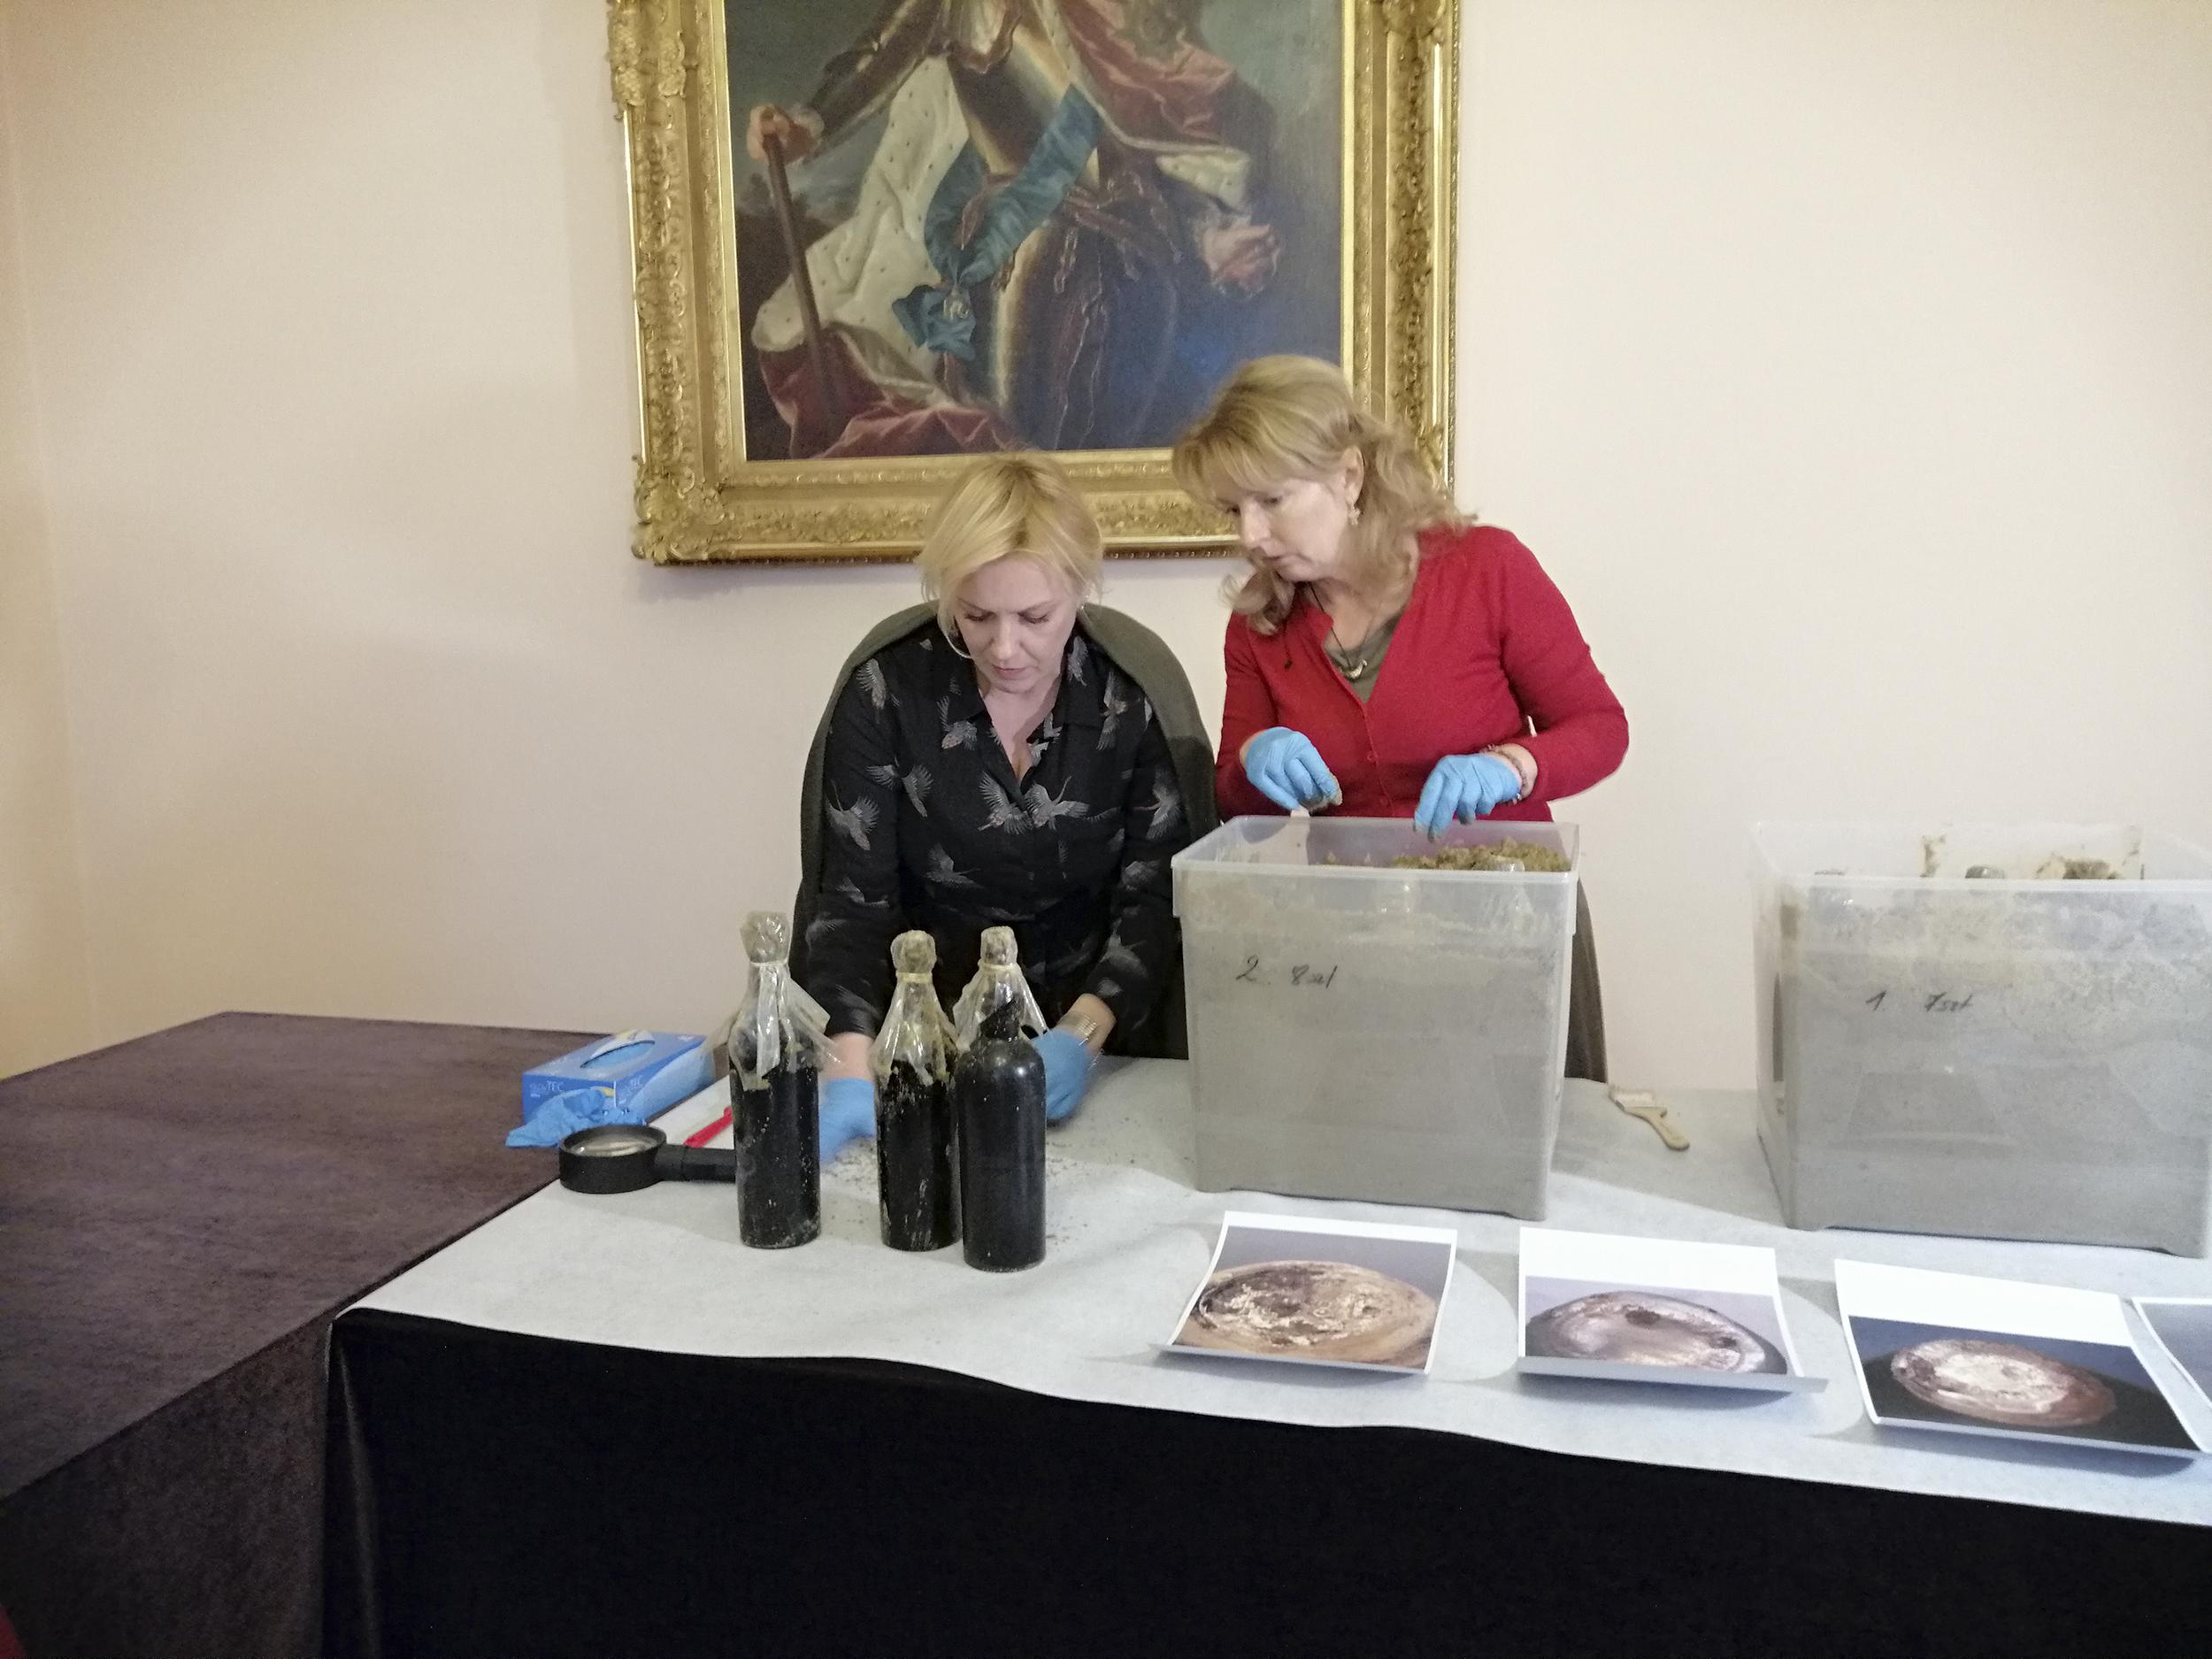 Fotografia. Dwie kobiety w lateksowych rękawiczkach nachylające się nad stołem. Przed nimi ustawione pojemniki z piachem i trzy zakurzone butelki z winem.